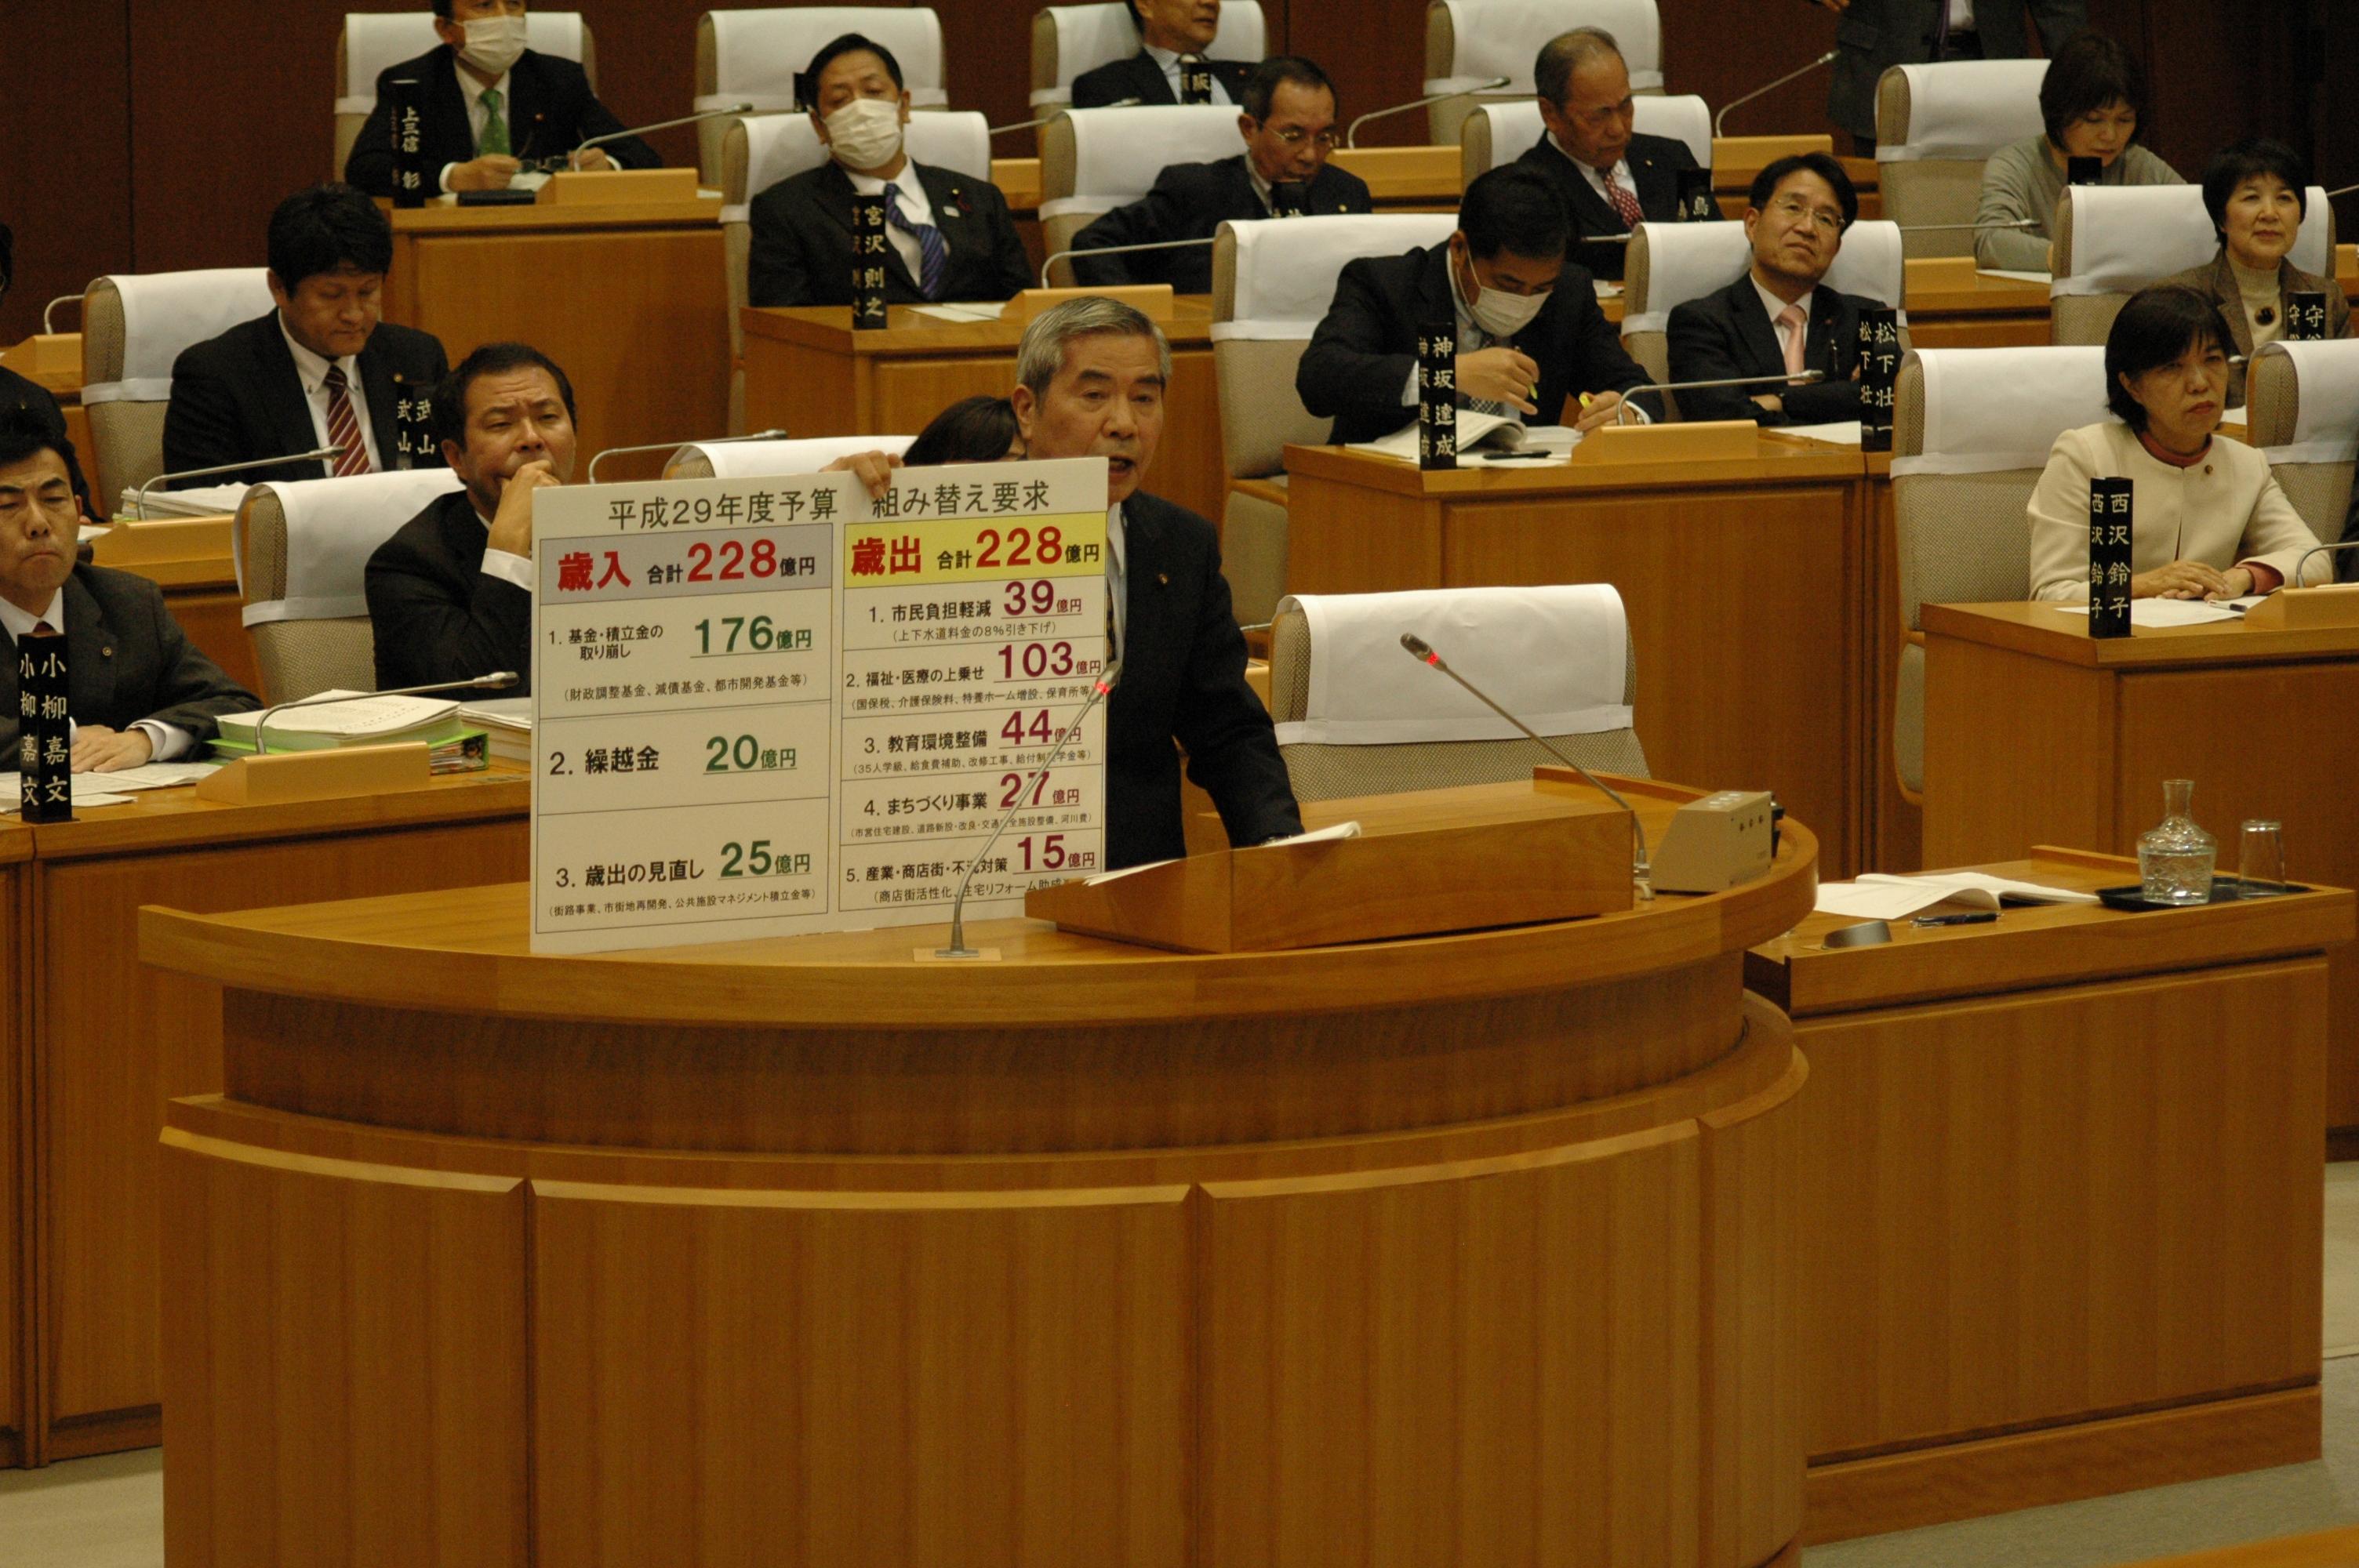 本会議にて代表質問をおこなう山崎あきら市議。党市議団が提出した予算組み替え提案のパネルを市長にしめしています。